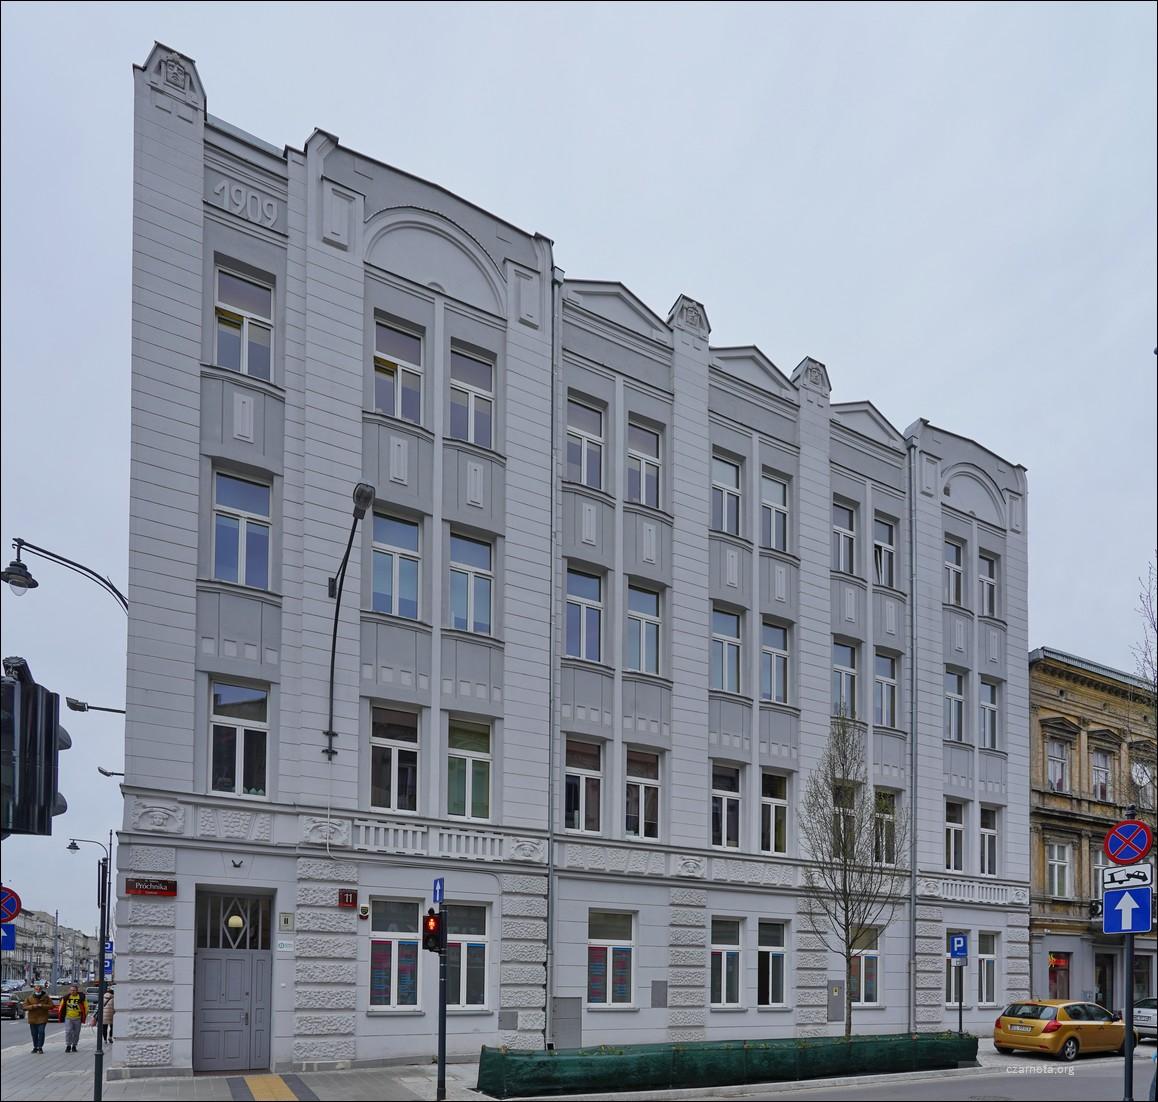 Łódź, ul. Adama Próchnika 11 / Zachodnia w 2019 i 2021